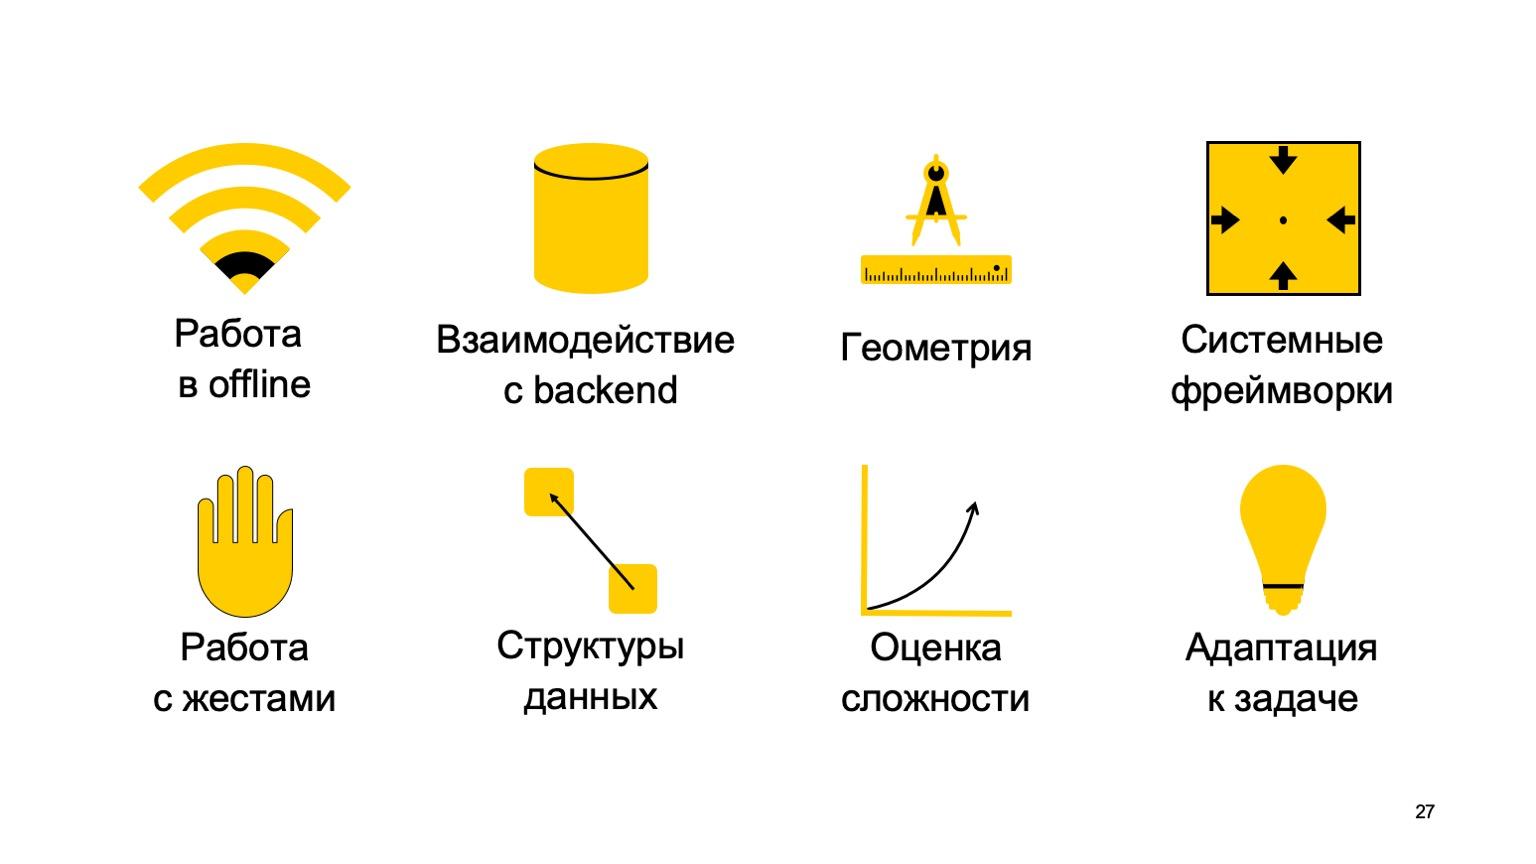 Мобильная разработка — это просто и скучно? Доклад Яндекса - 27